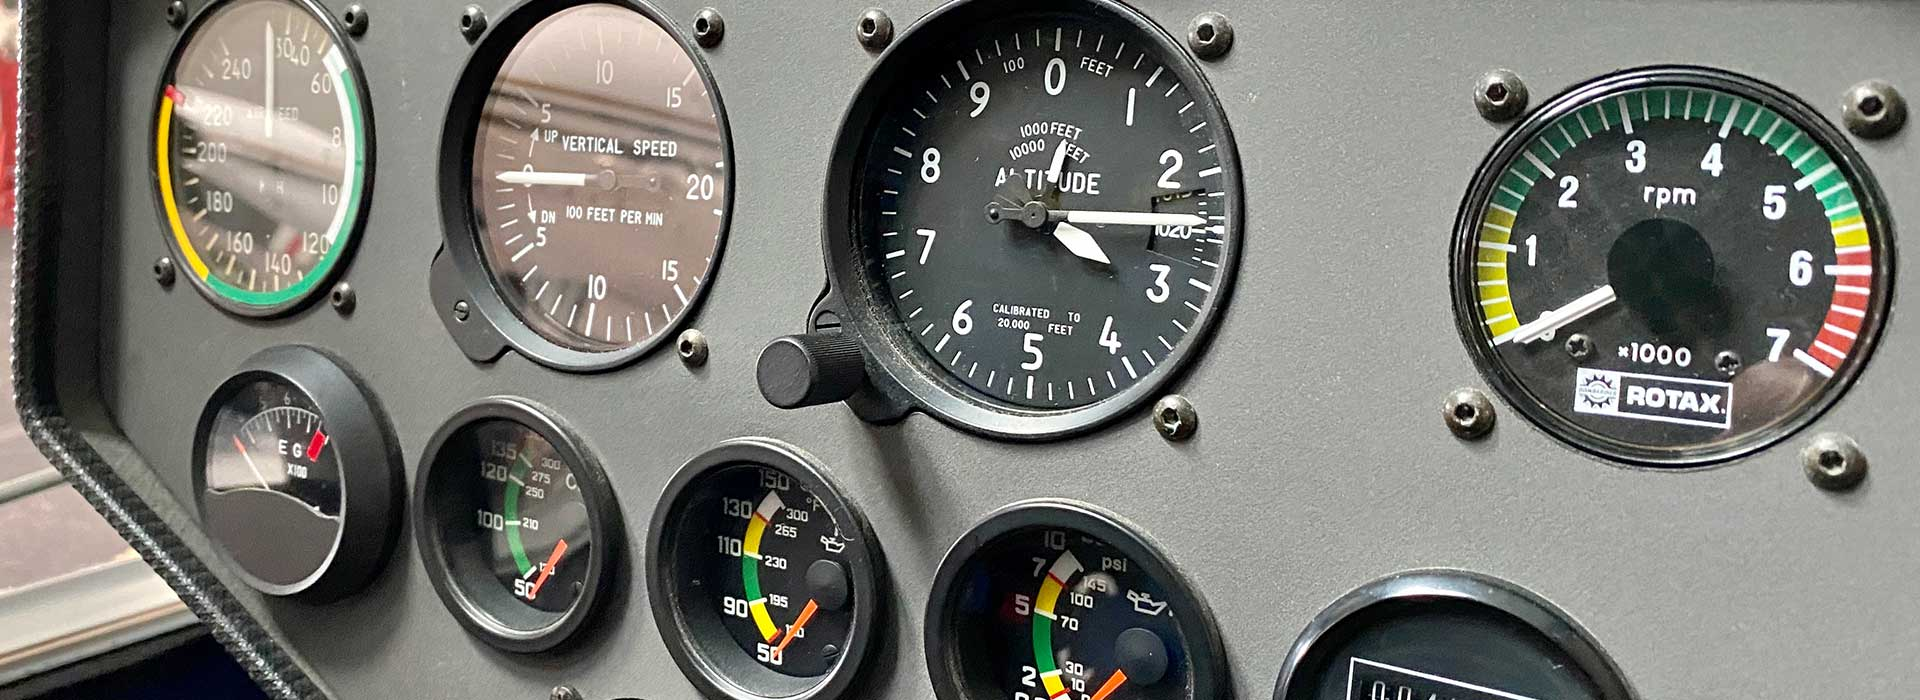 Instruments de vol et moteur